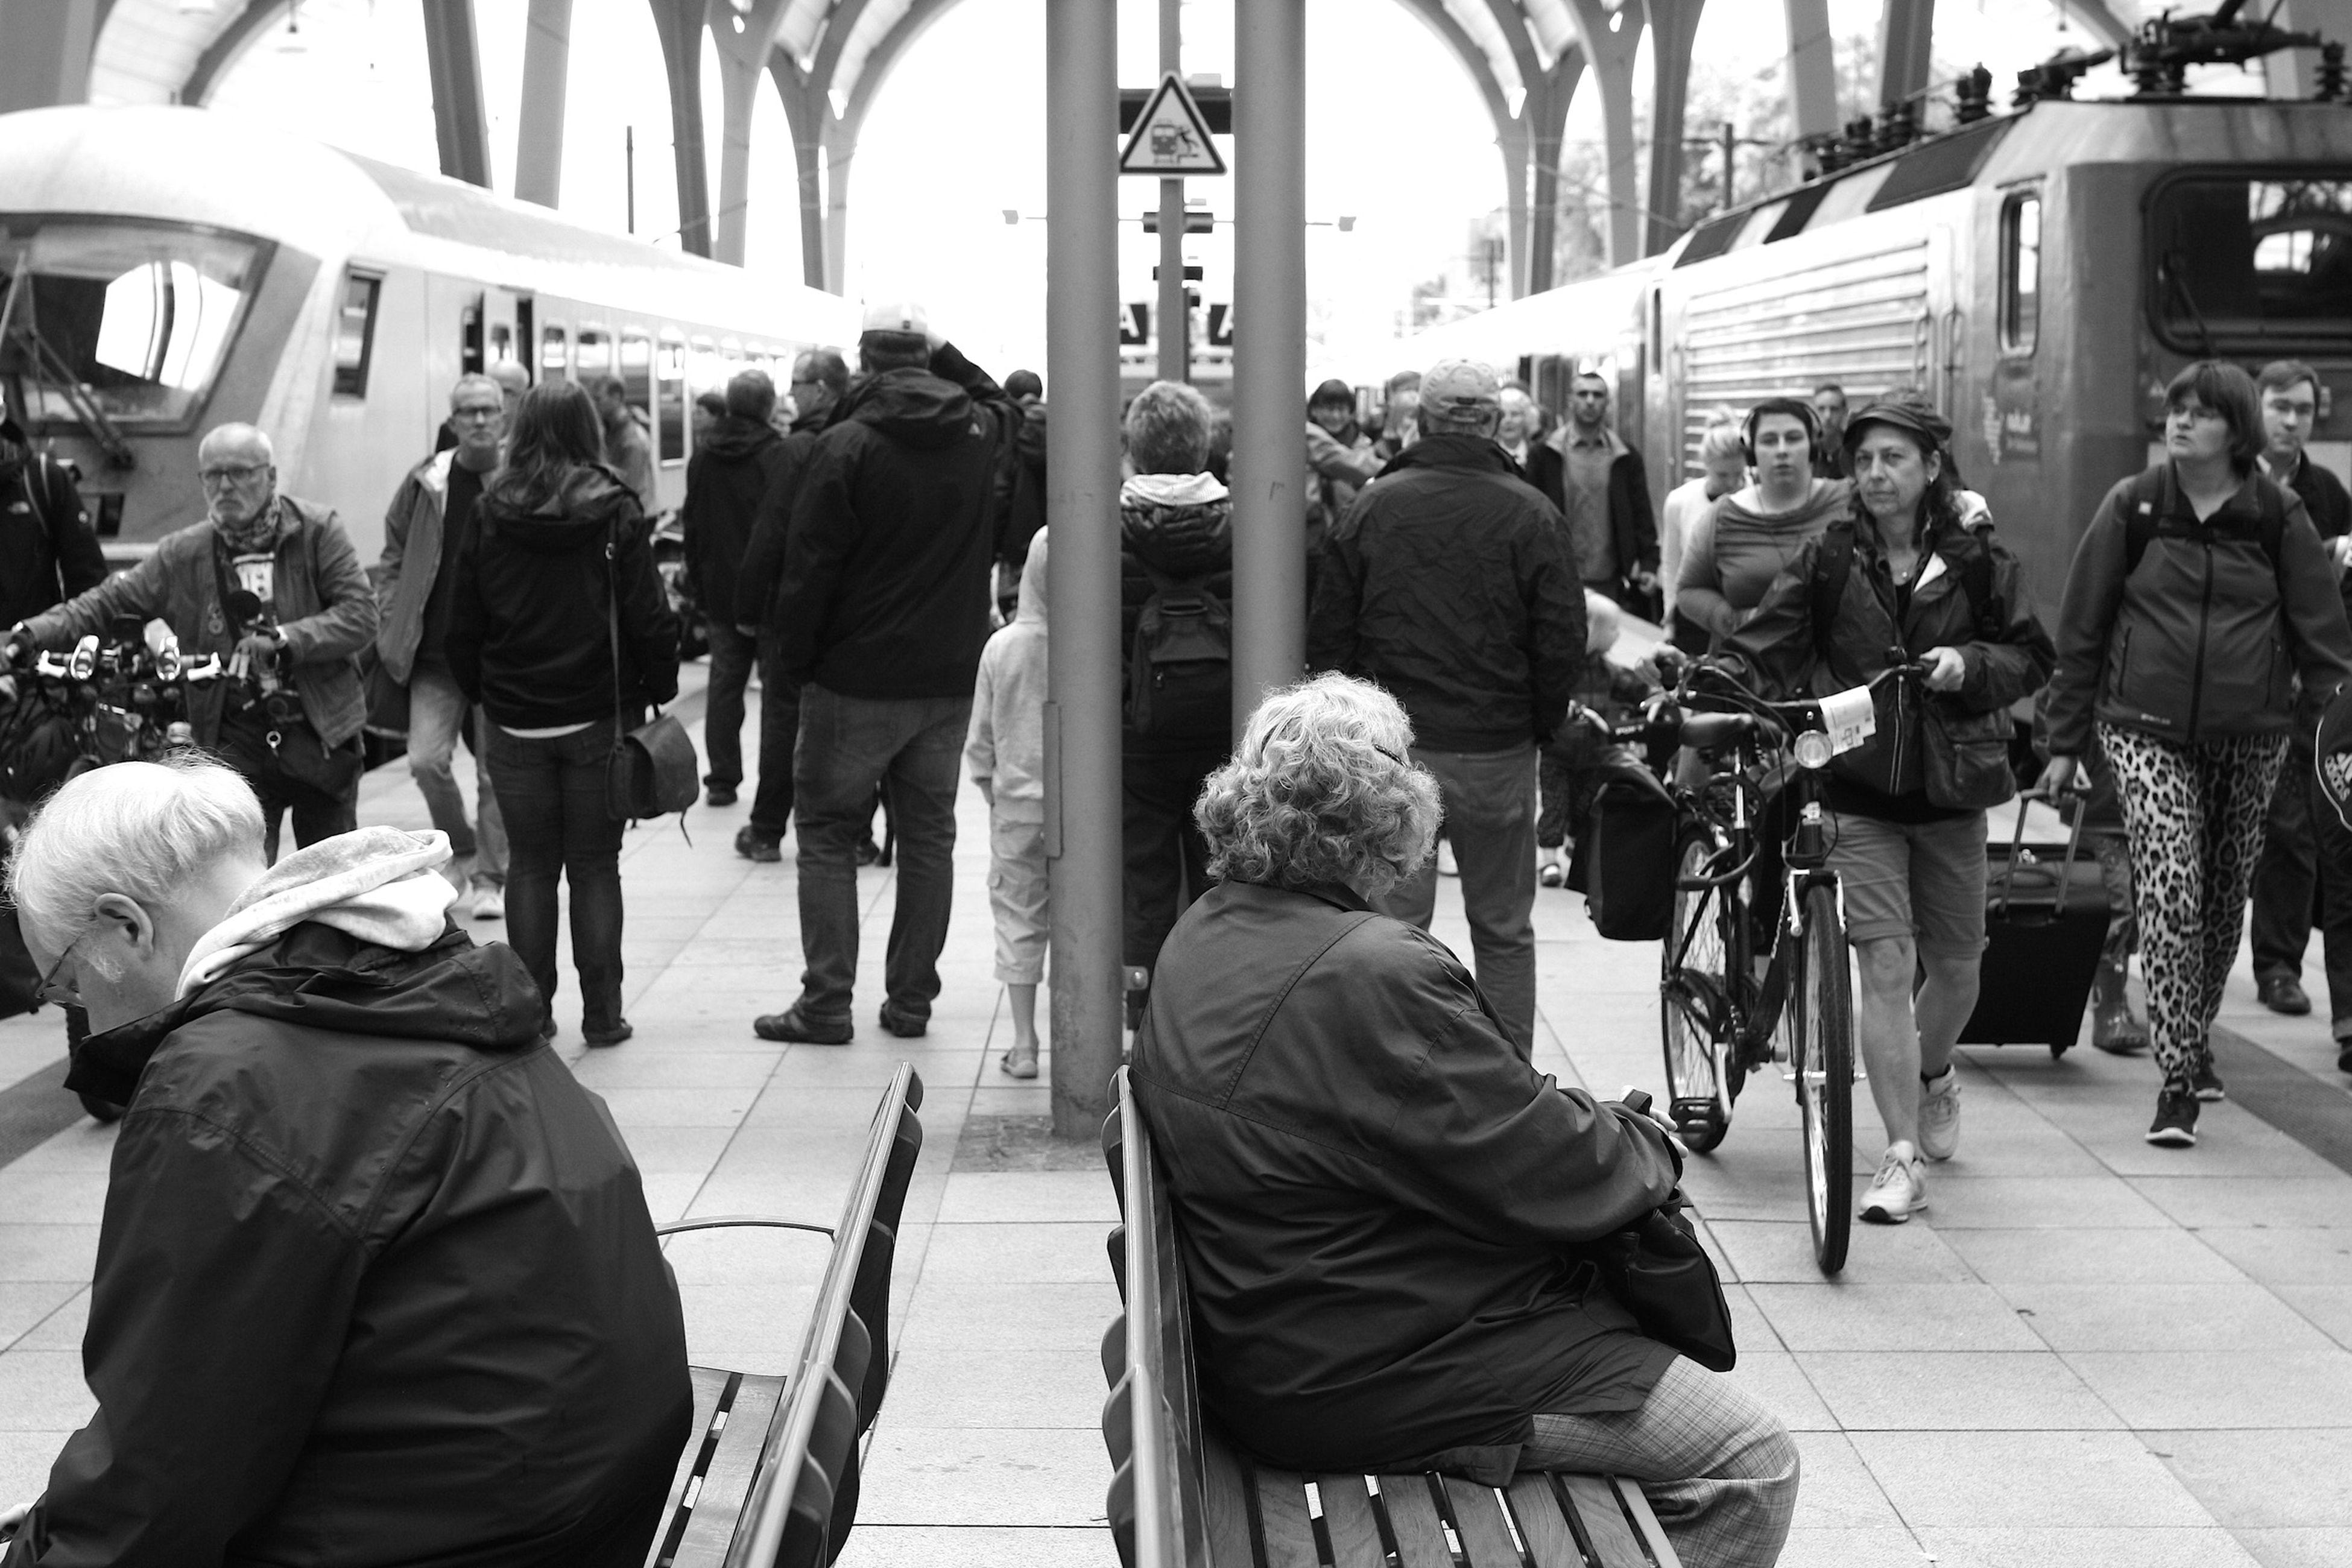 Titel: HAUPTBAHNHOF KIEL Alltag Aufunddavon HauptbahnhofKiel Menschen Reise SW Urlaub Zug Züge